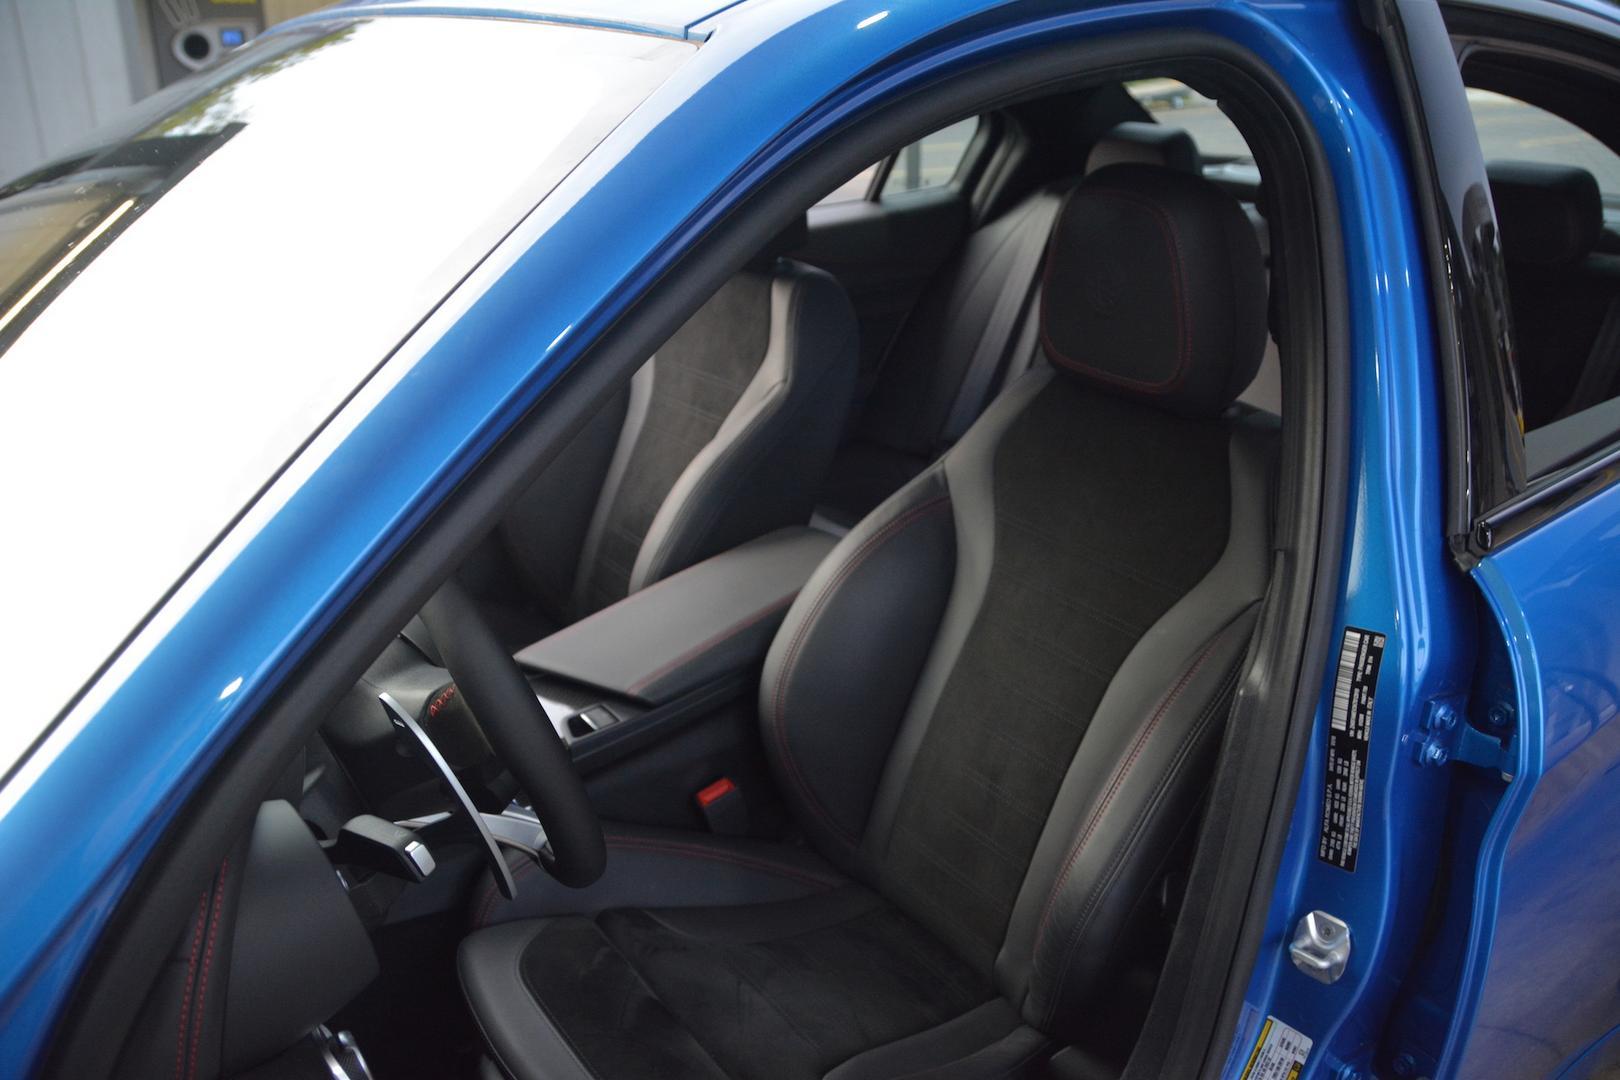 2019 Alfa Romeo Giulia QV Seats